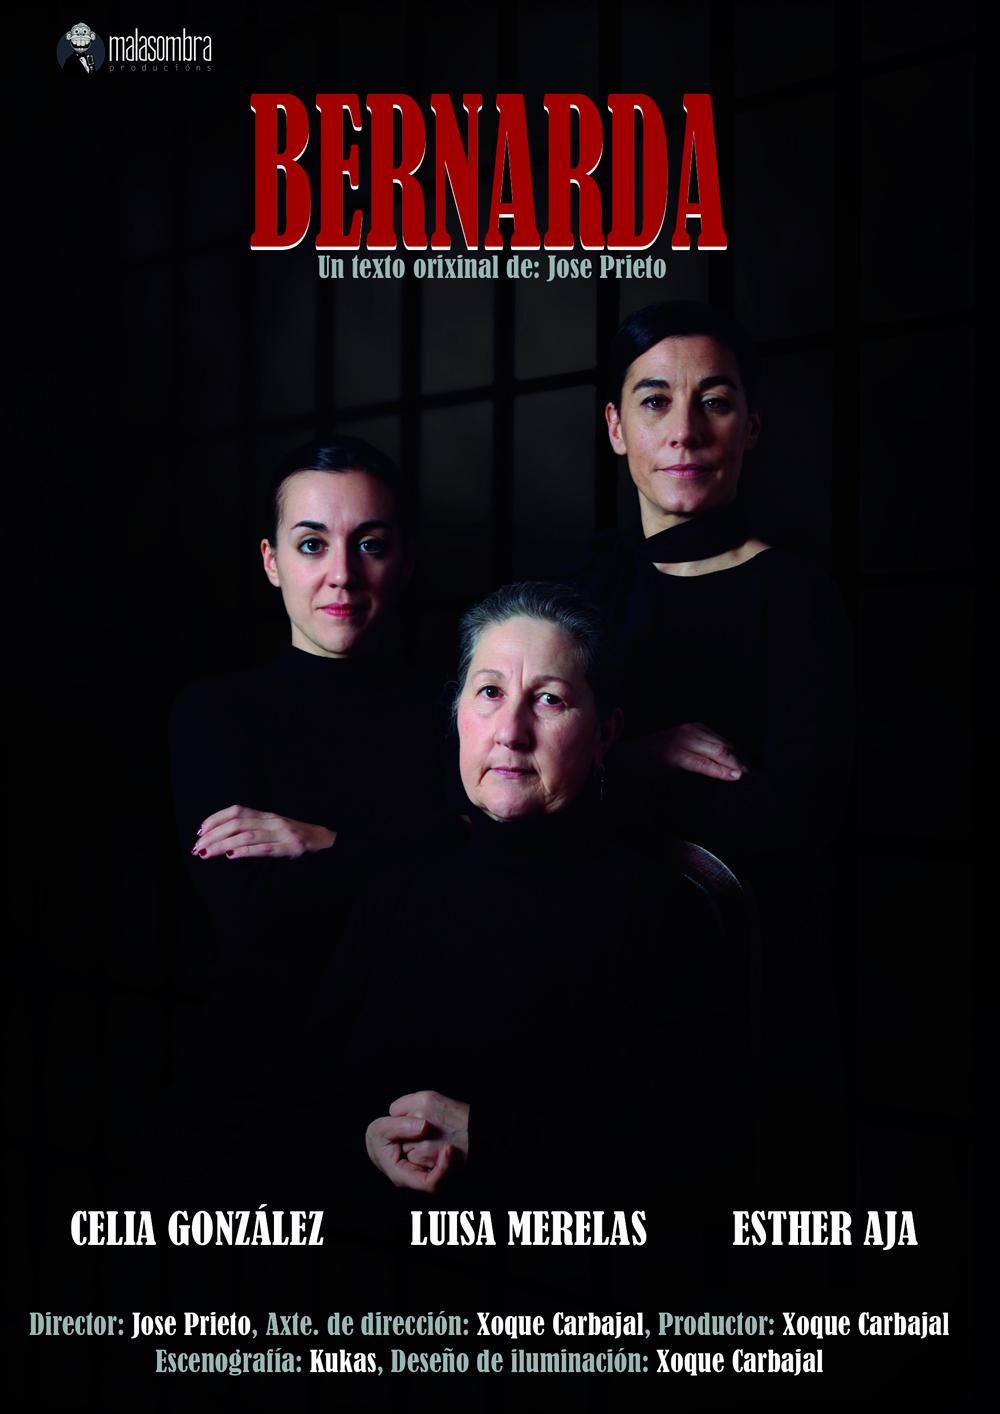 Luisa Merelas, Celia González e Esther Aja protagonizan a obra sobre un texto orixinal de Jose Prieto